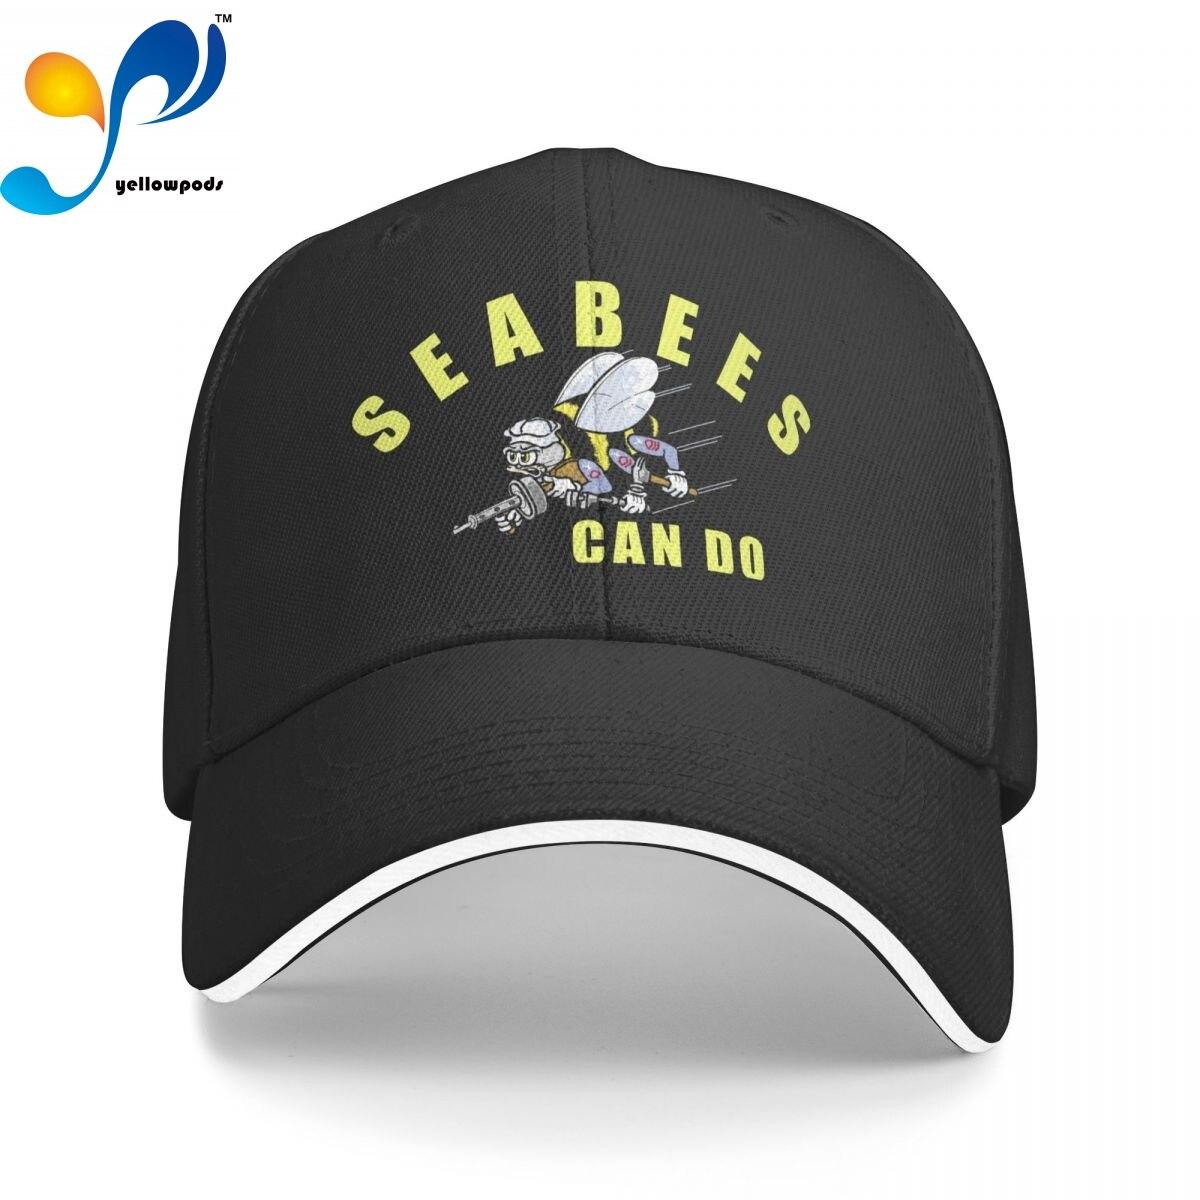 Seabees может сделать кепку-тракер, Снэпбэк Кепка для мужчин, бейсбольный клапан, мужские кепки, кепки с логотипом